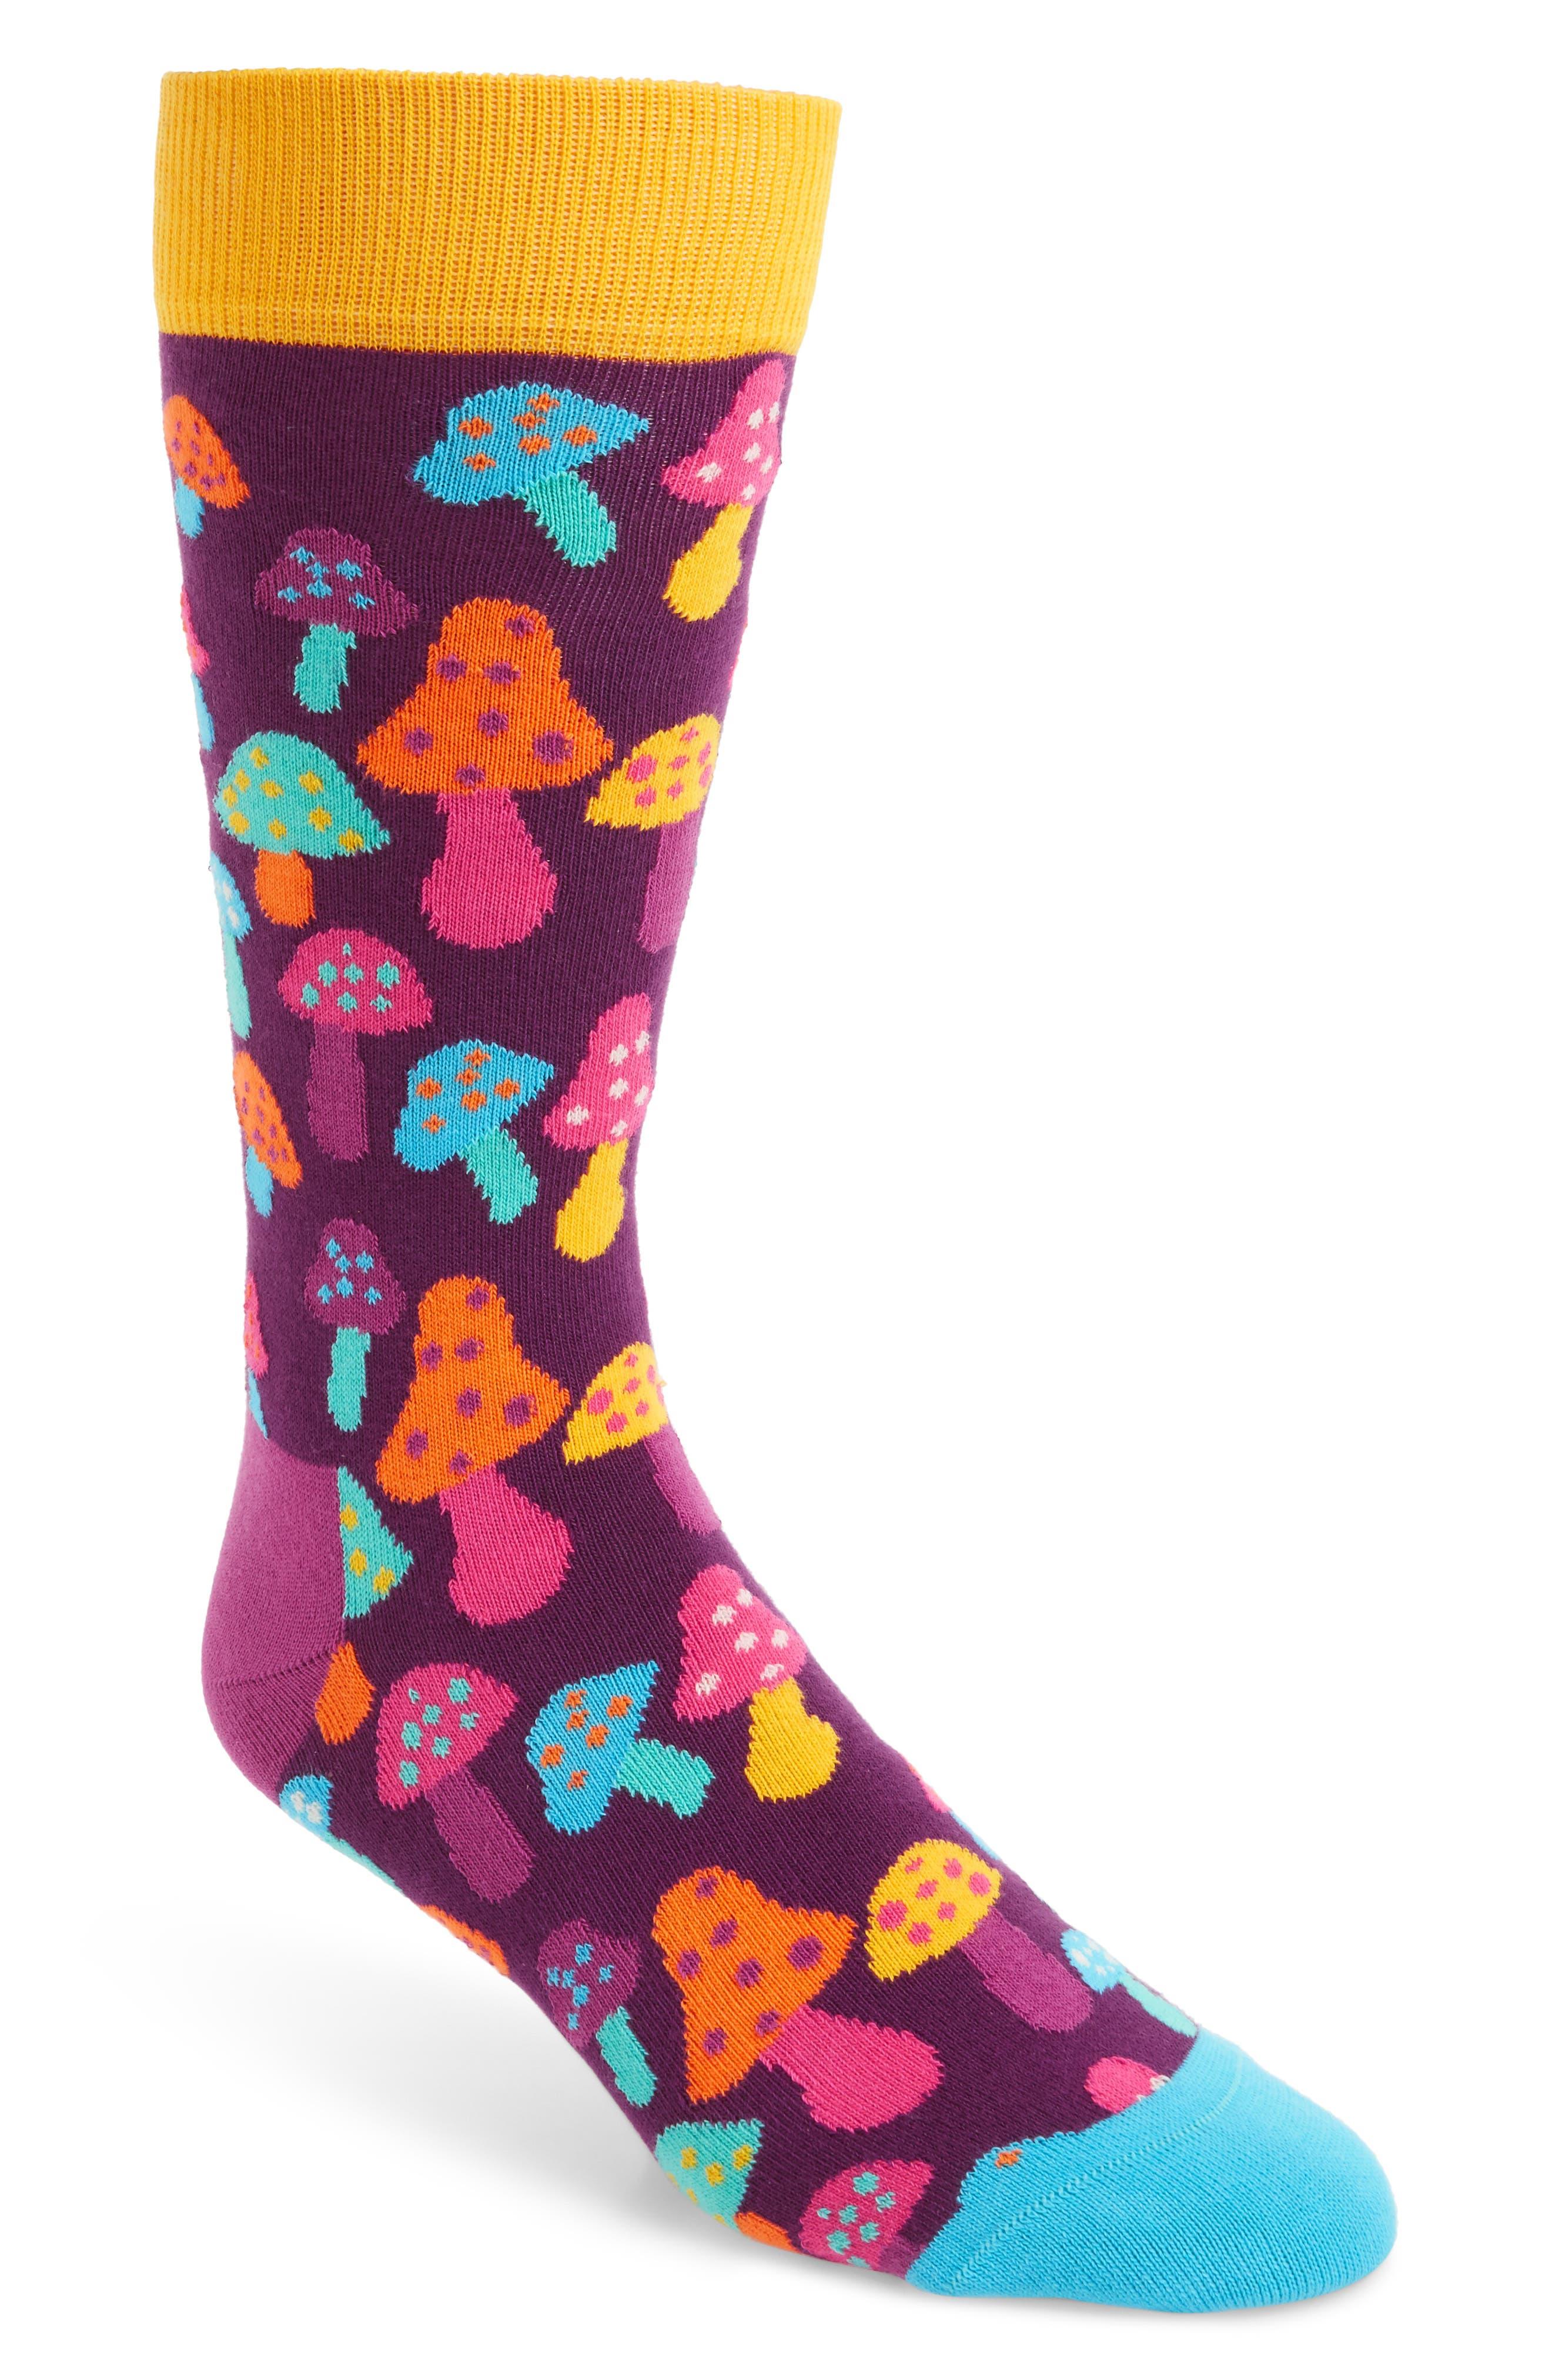 Mushroom Socks,                             Main thumbnail 1, color,                             Purple Multi